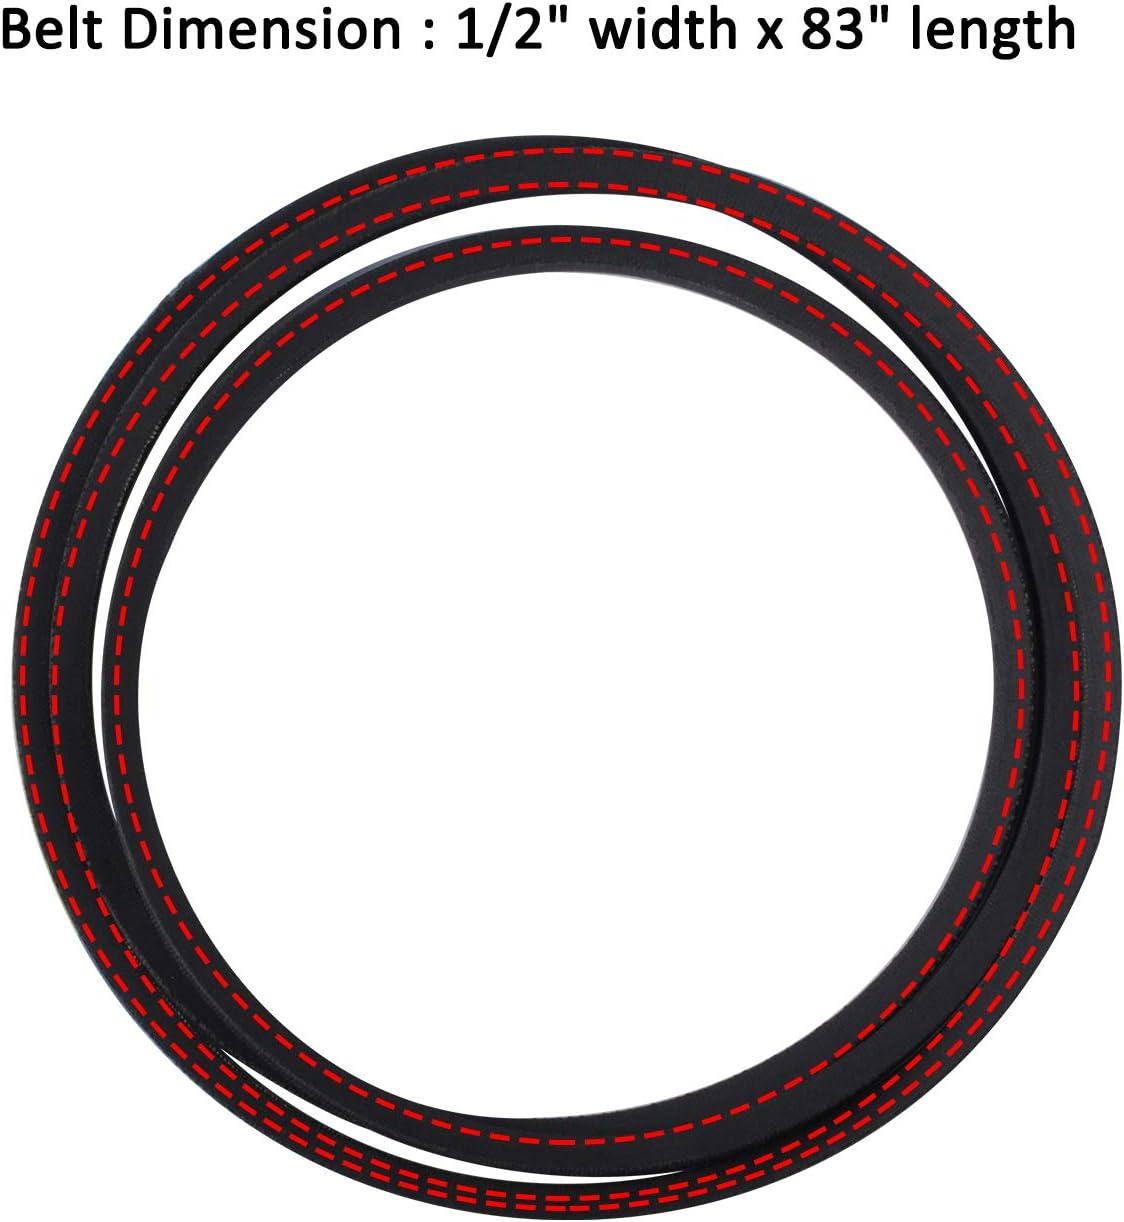 0.5 Width D/&D PowerDrive 531300773 Husqvarna Kevlar Replacement Belt 83 Length